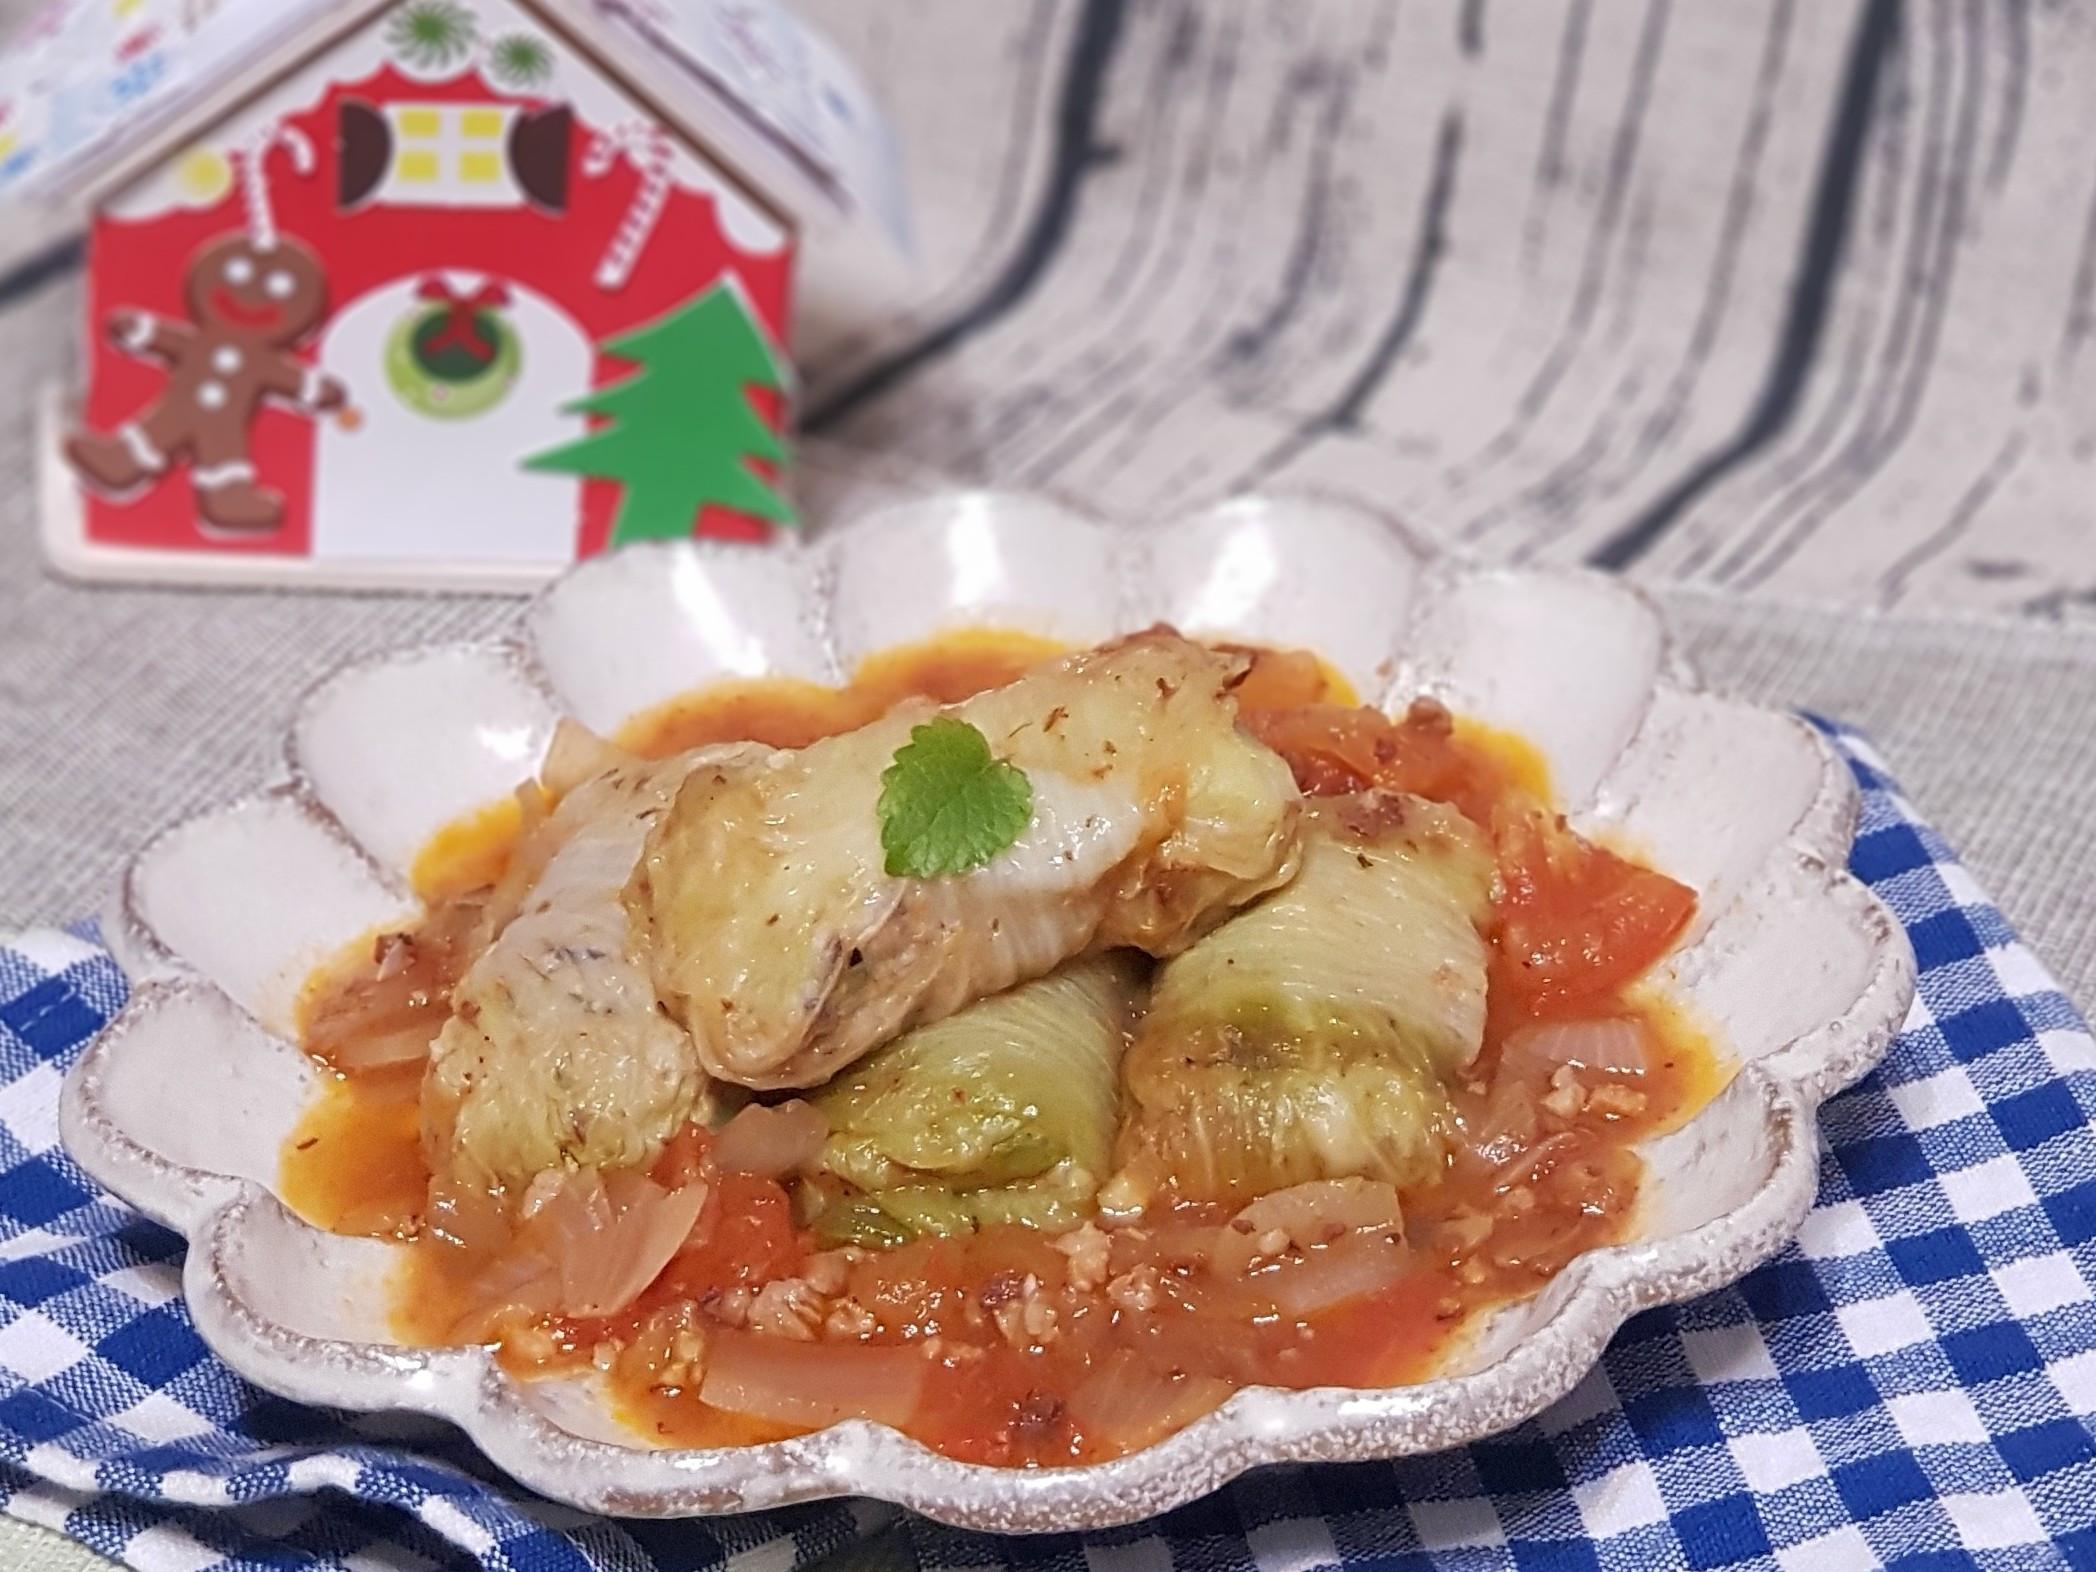 義式蕃茄燉煮白菜捲